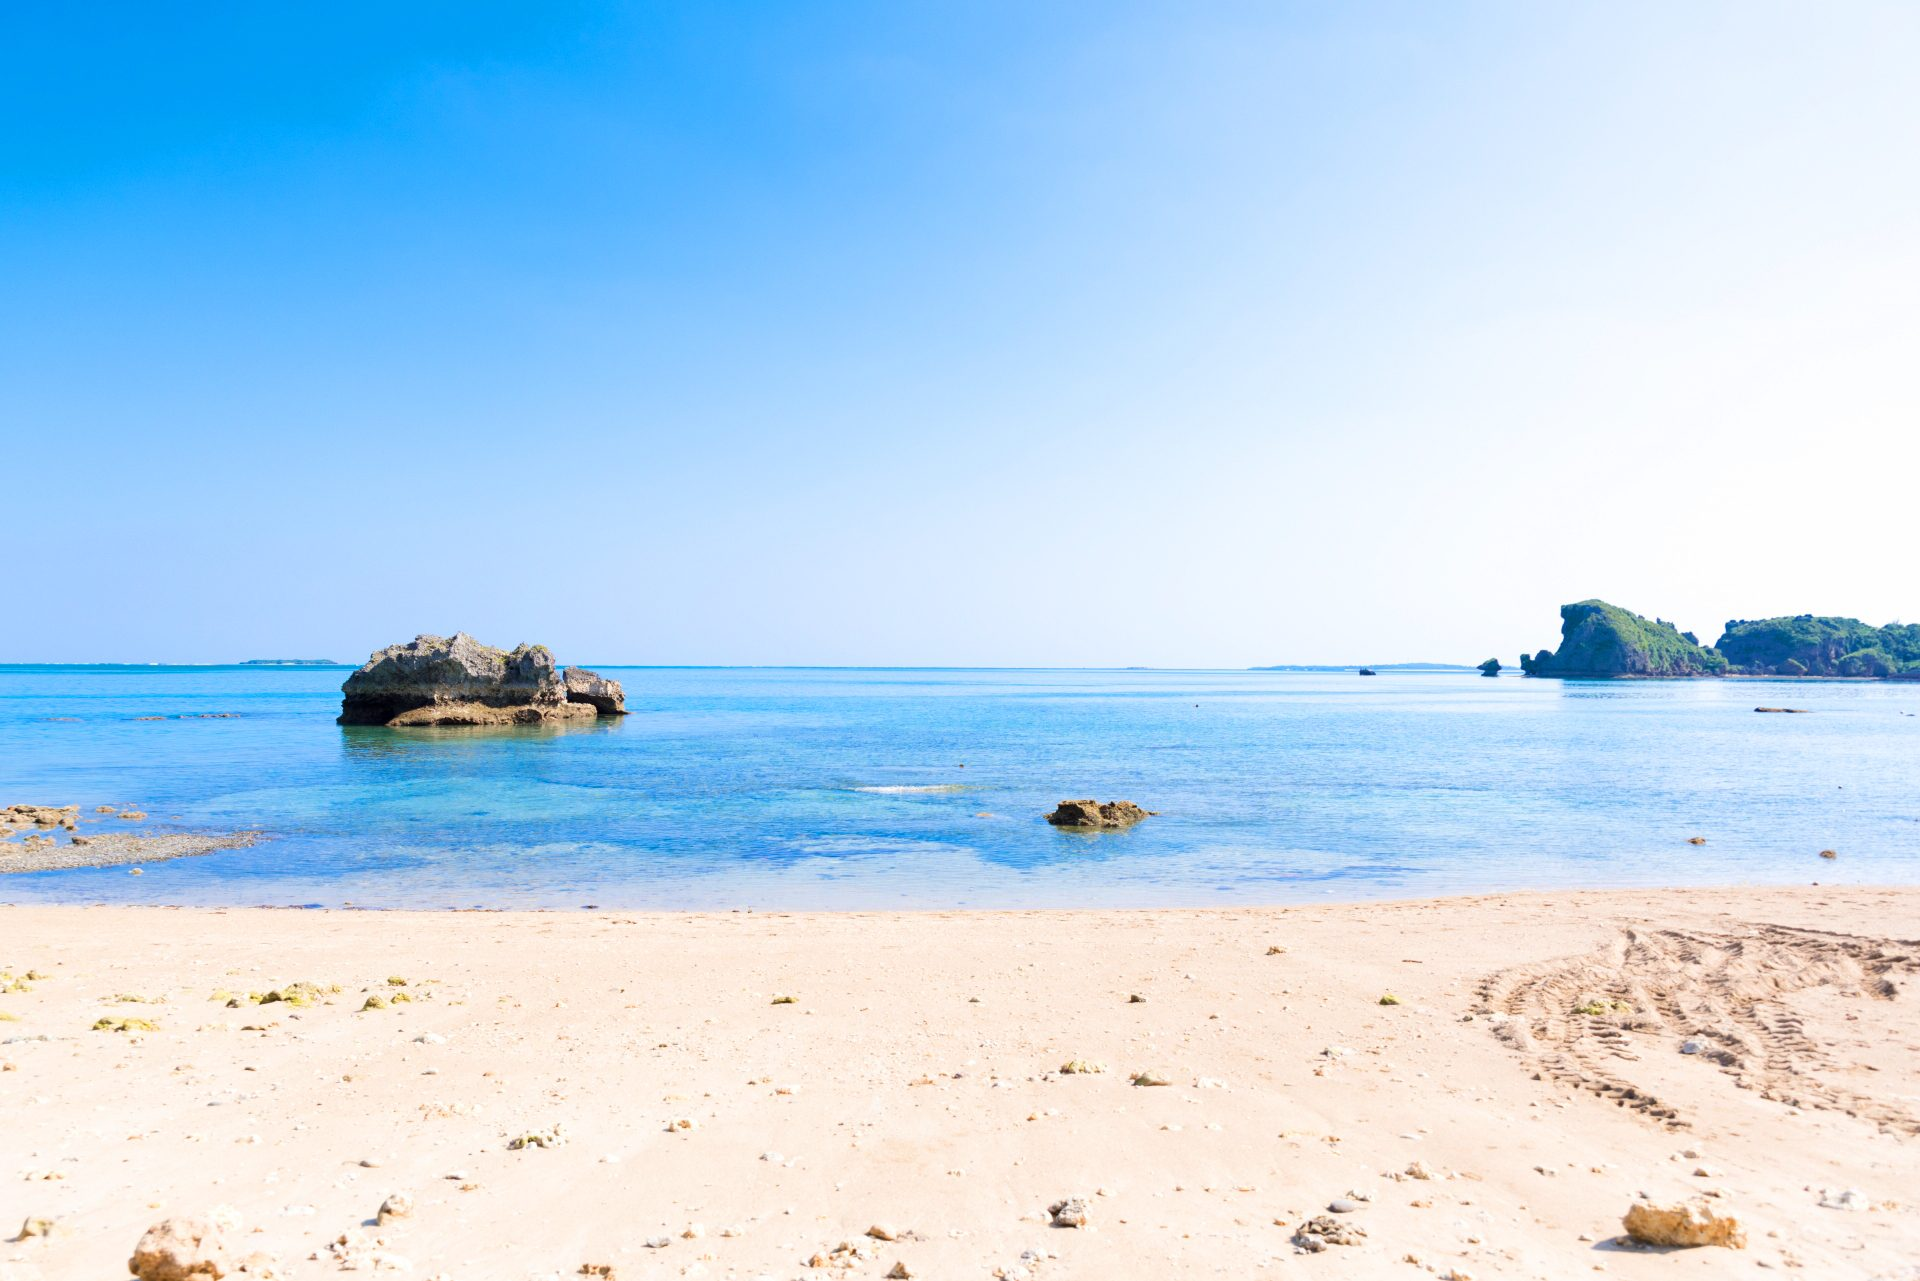 美しい海にぐるりと囲まれた「浜比嘉島」のビーチを紹介!